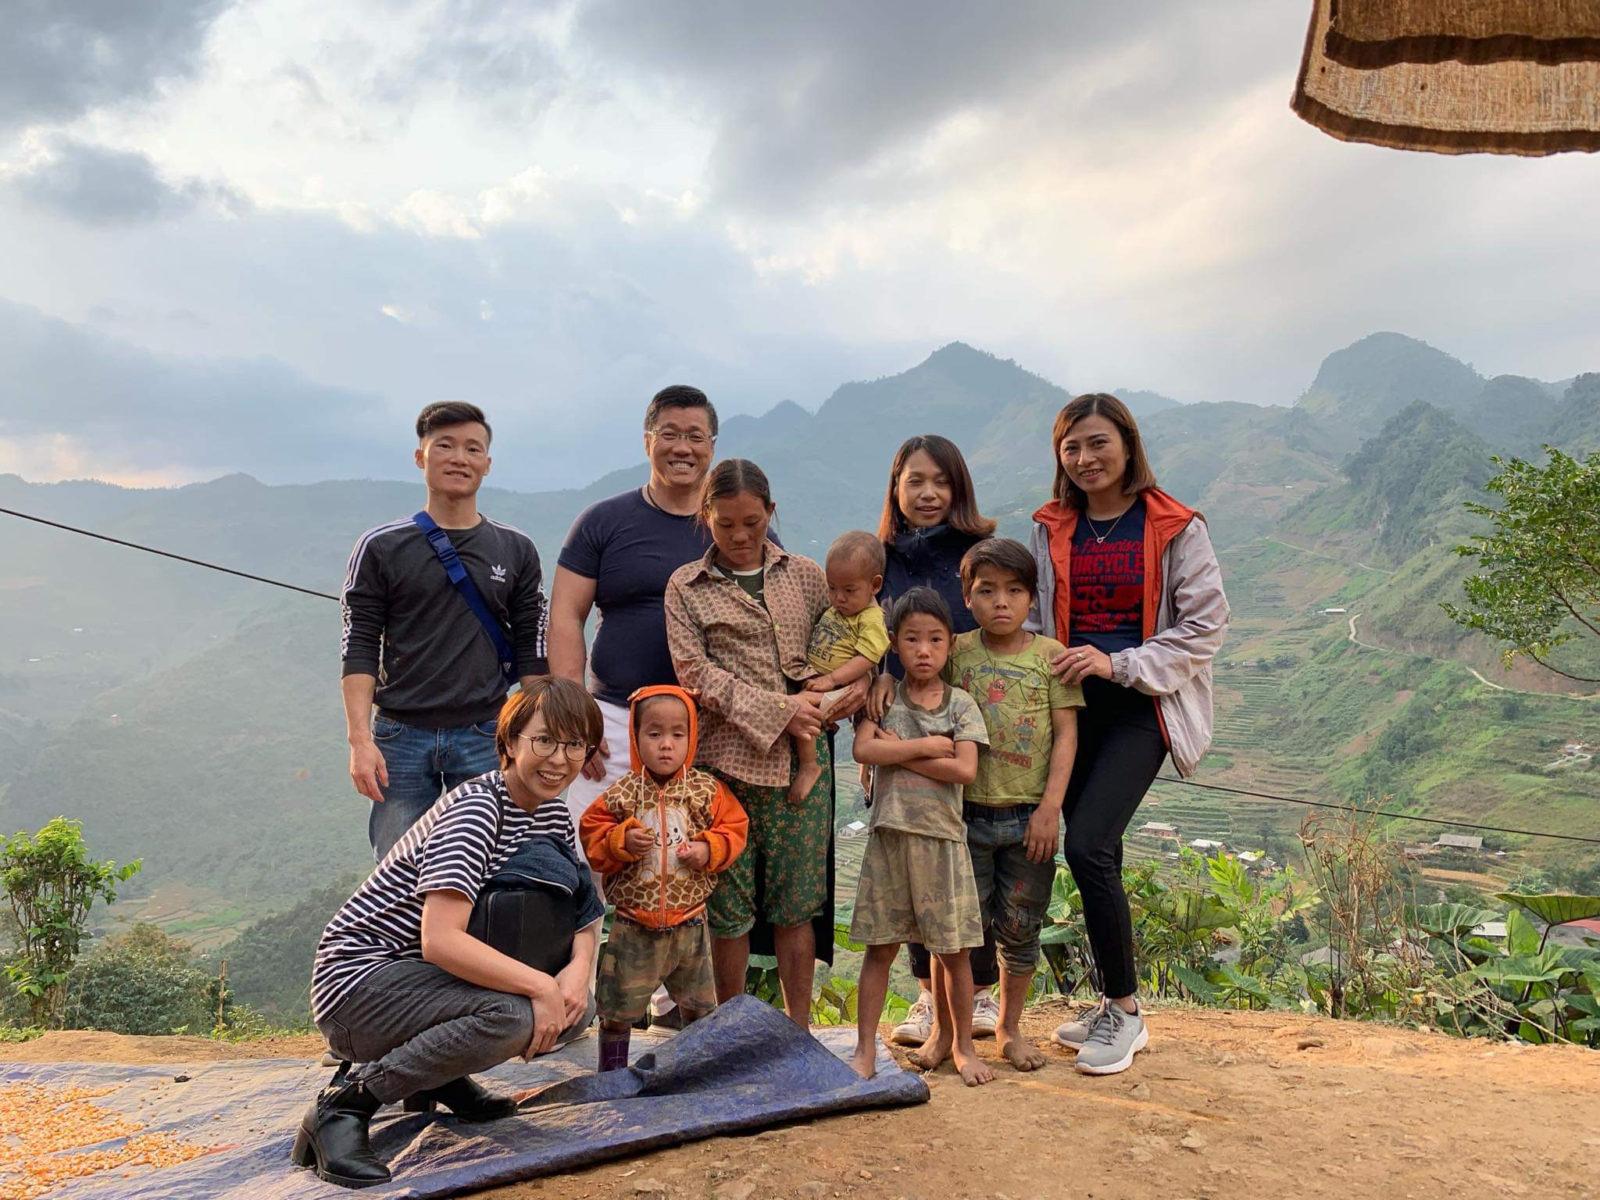 幸せ時間は「家族といるとき」が9割?!(ベトナム2/5)